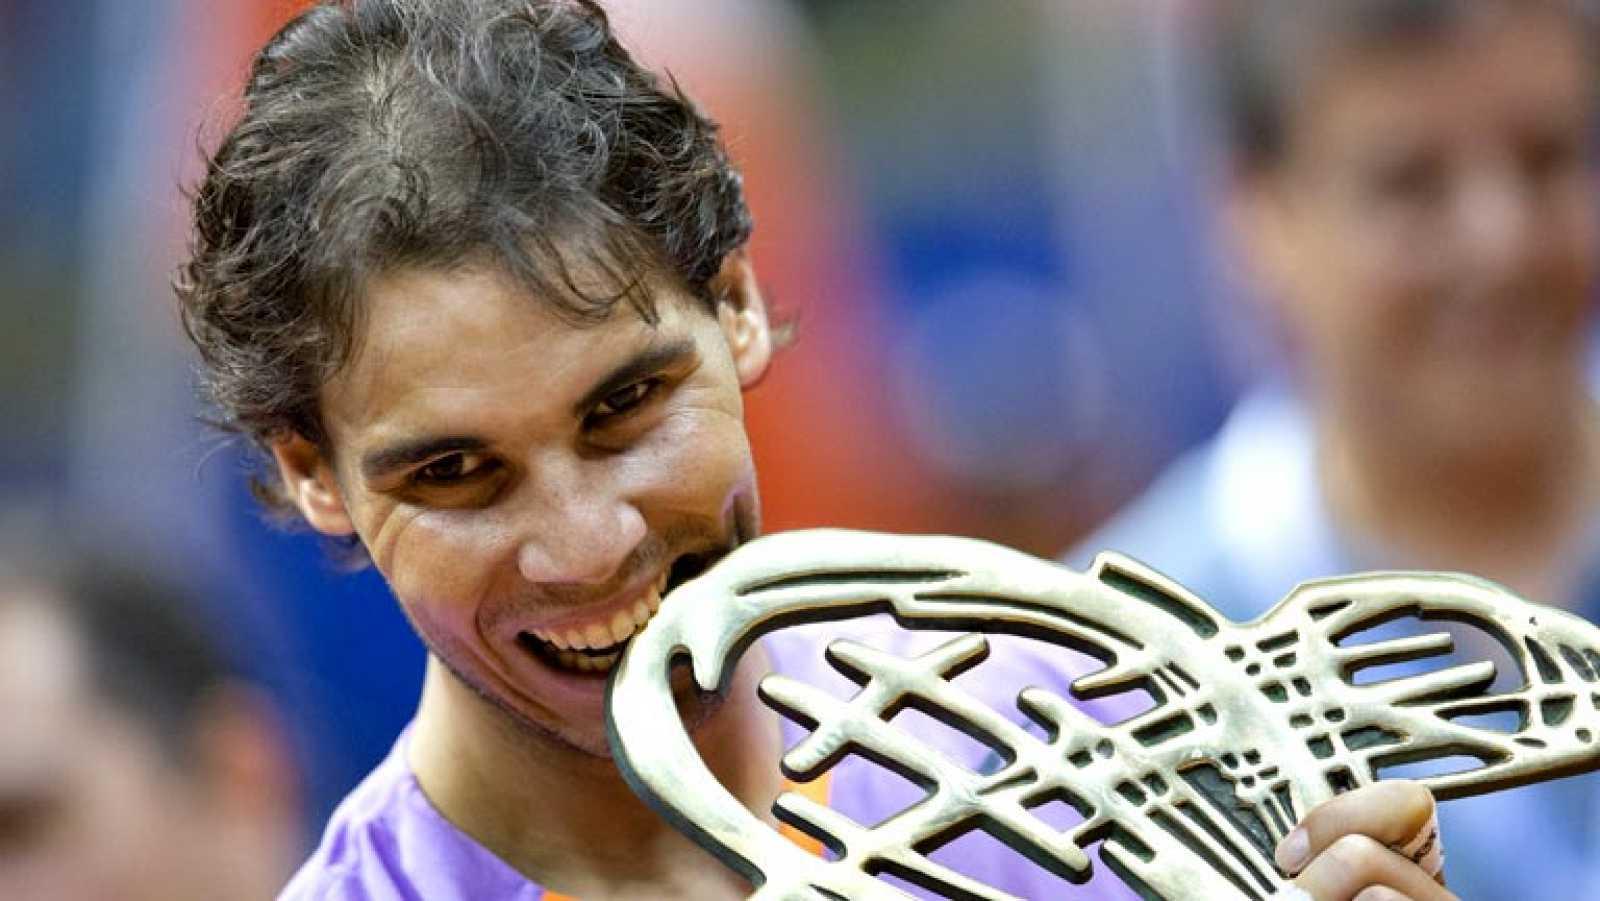 El español Rafael Nadal se ha impuesto por 6-2 y 6-3 al argentino David Nalbandian y se proclamó campeón del Abierto de Brasil, el primer torneo que gana en su retorno al tenis tras siete meses parado por una lesión en una rodilla.